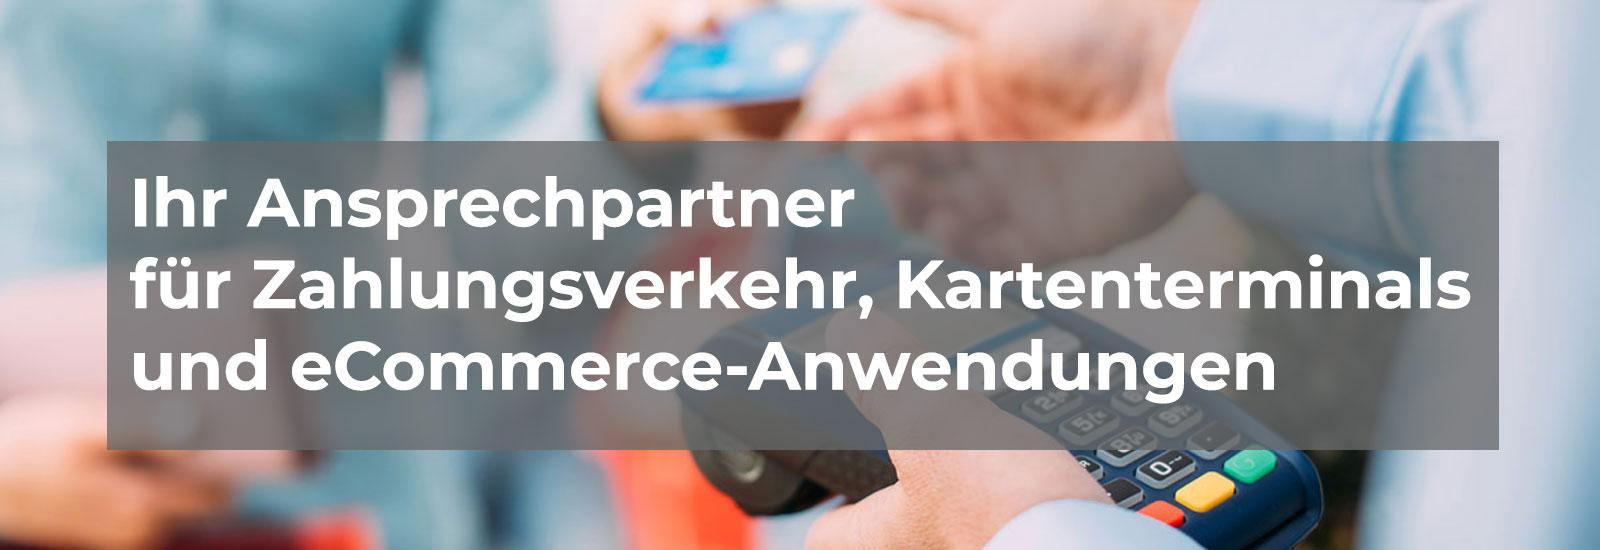 Bezahlvorgang mit einem Kartenterminal - Übergabe des EC-Karte